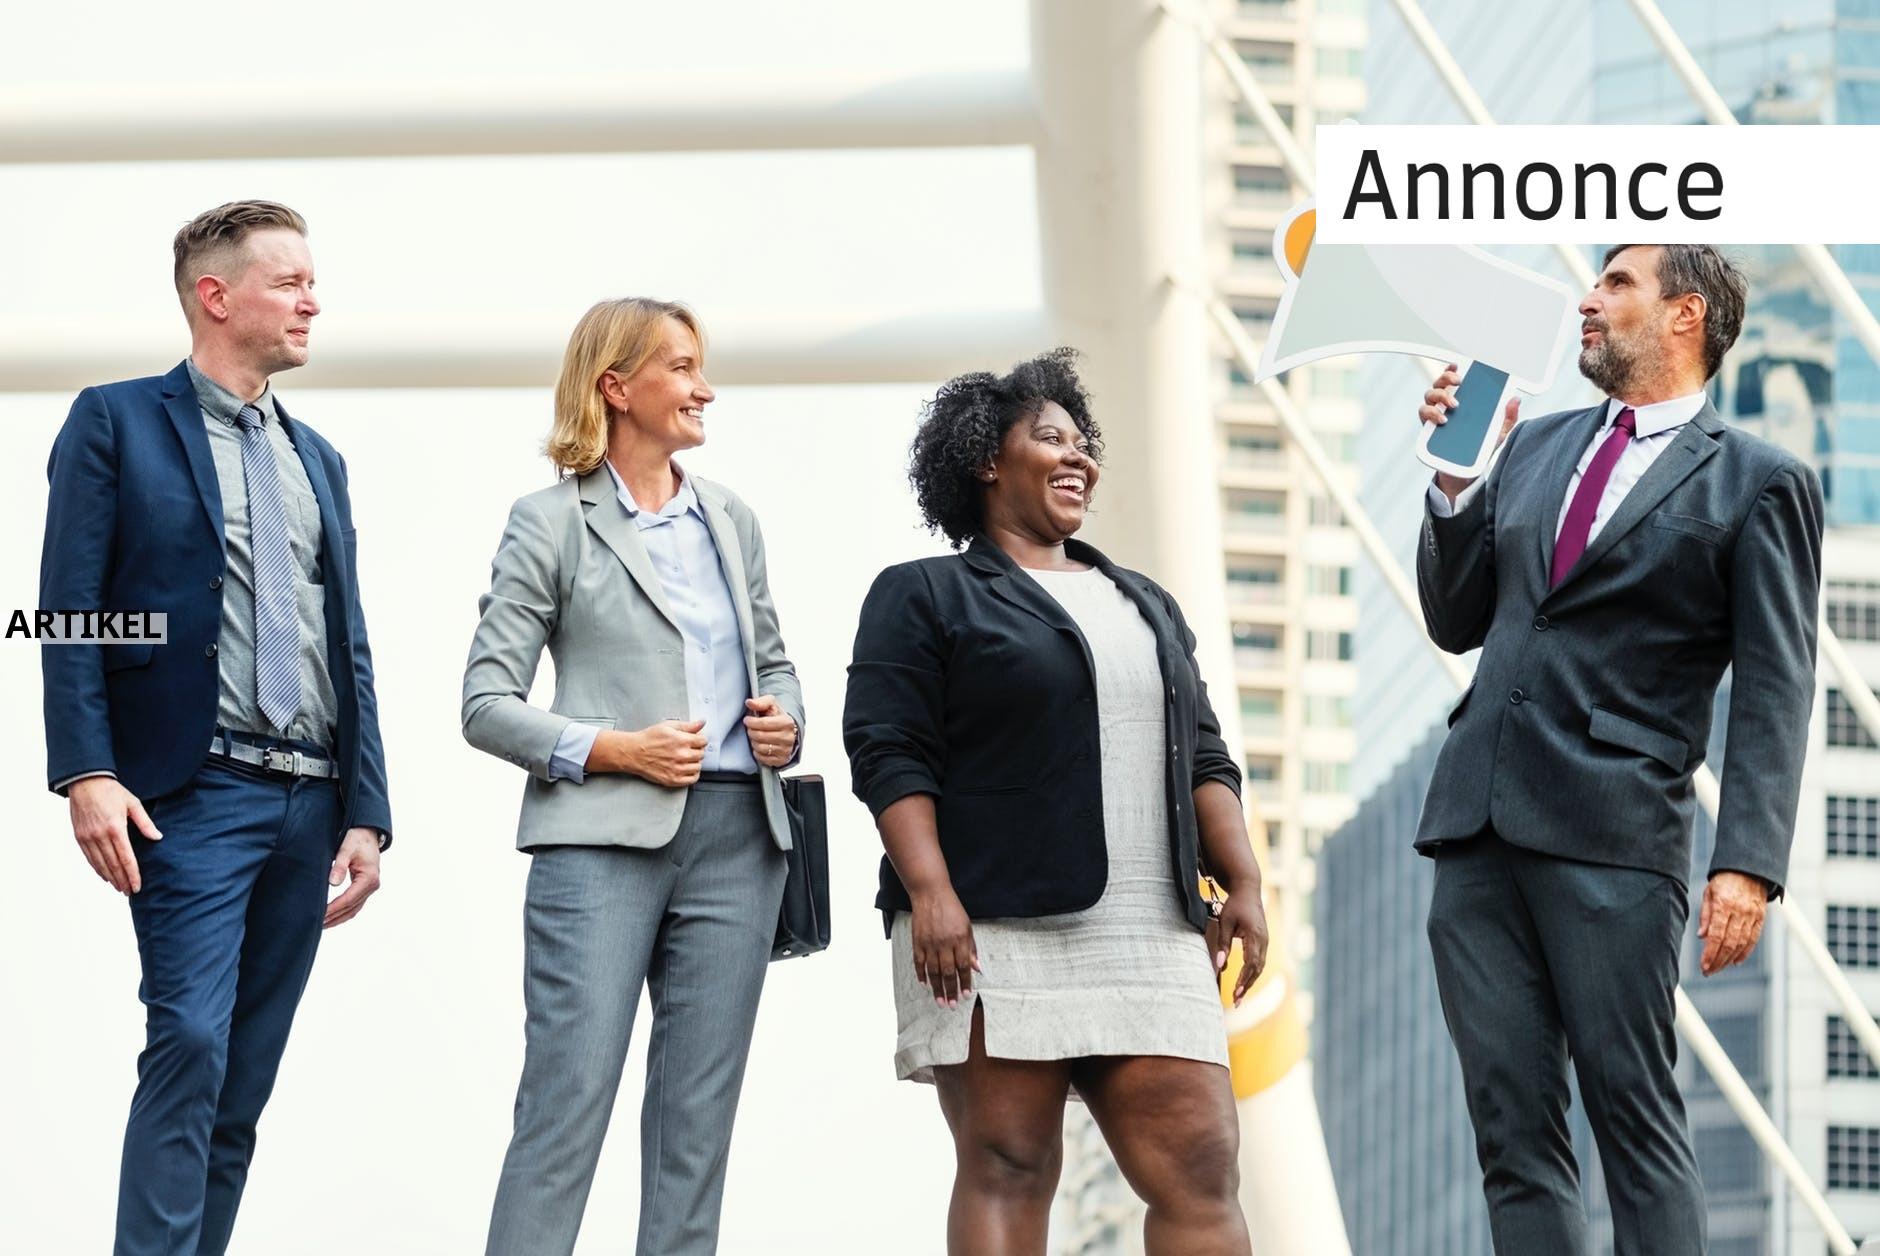 Sådan kan du anvende teknologi til at aflaste dine medarbejdere